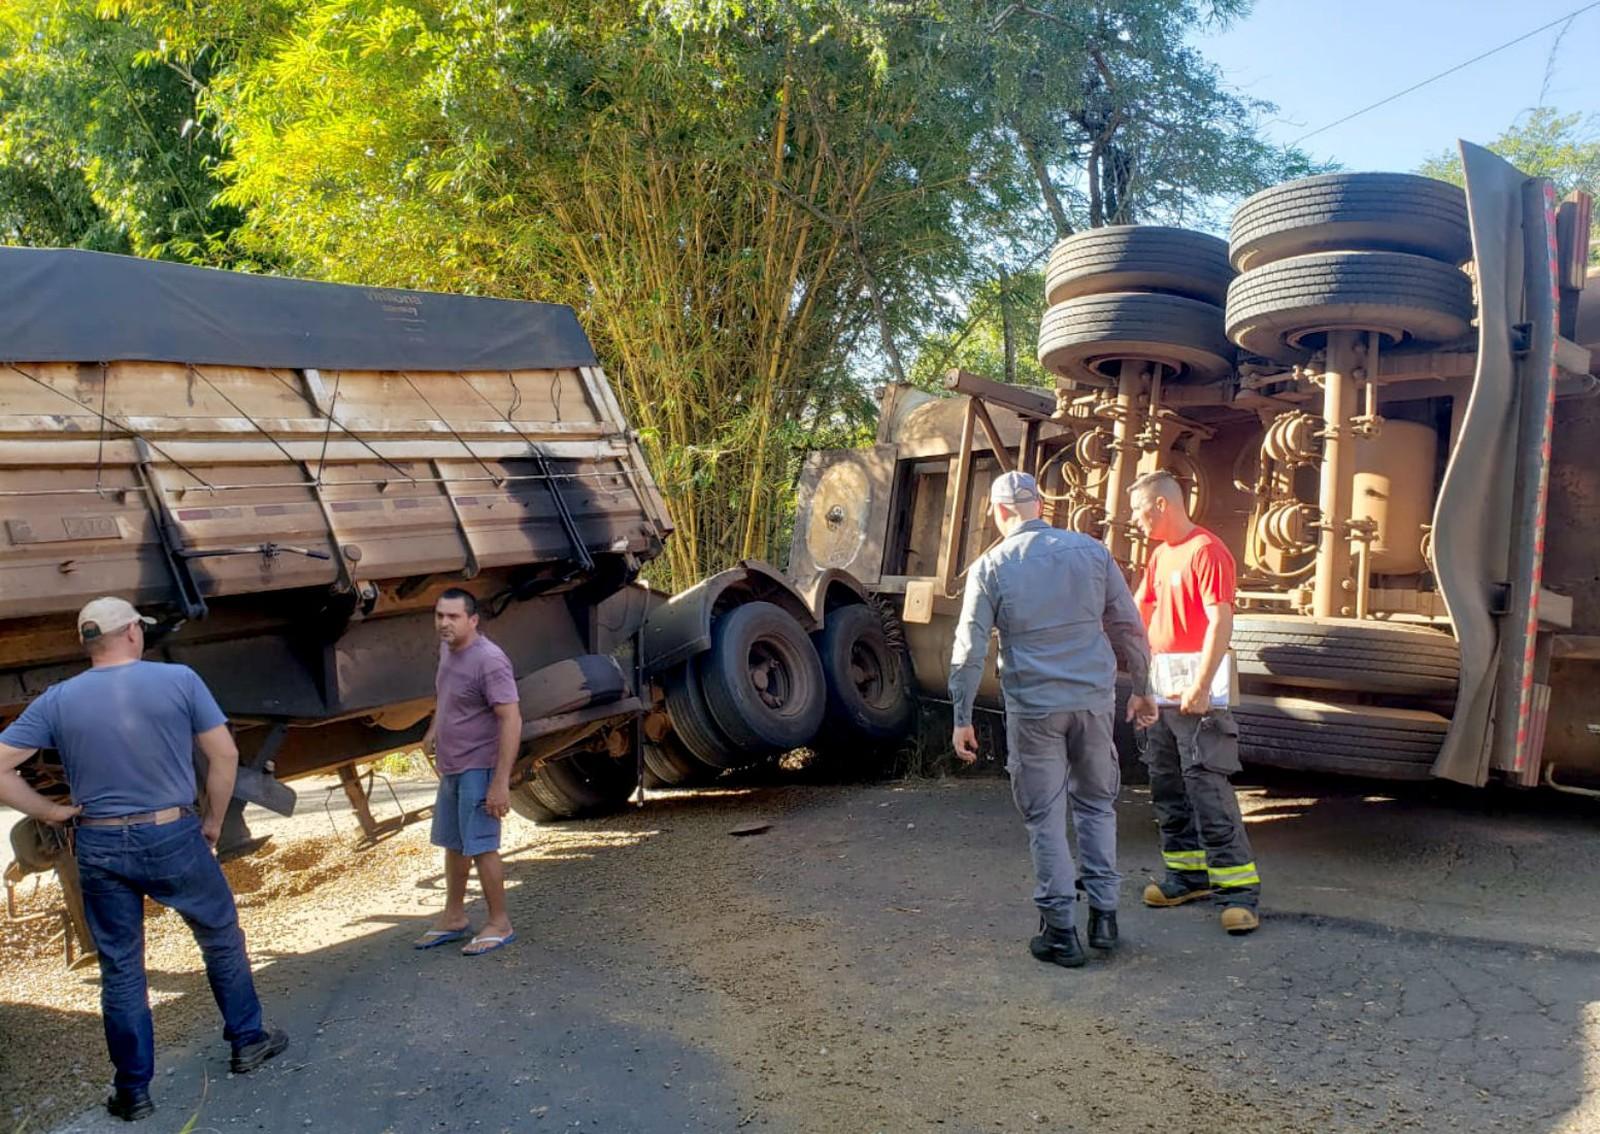 Motorista da carreta carregada de laranja que tombou na pista não se feriu no acidente — Foto: João Trentini/Divulgação